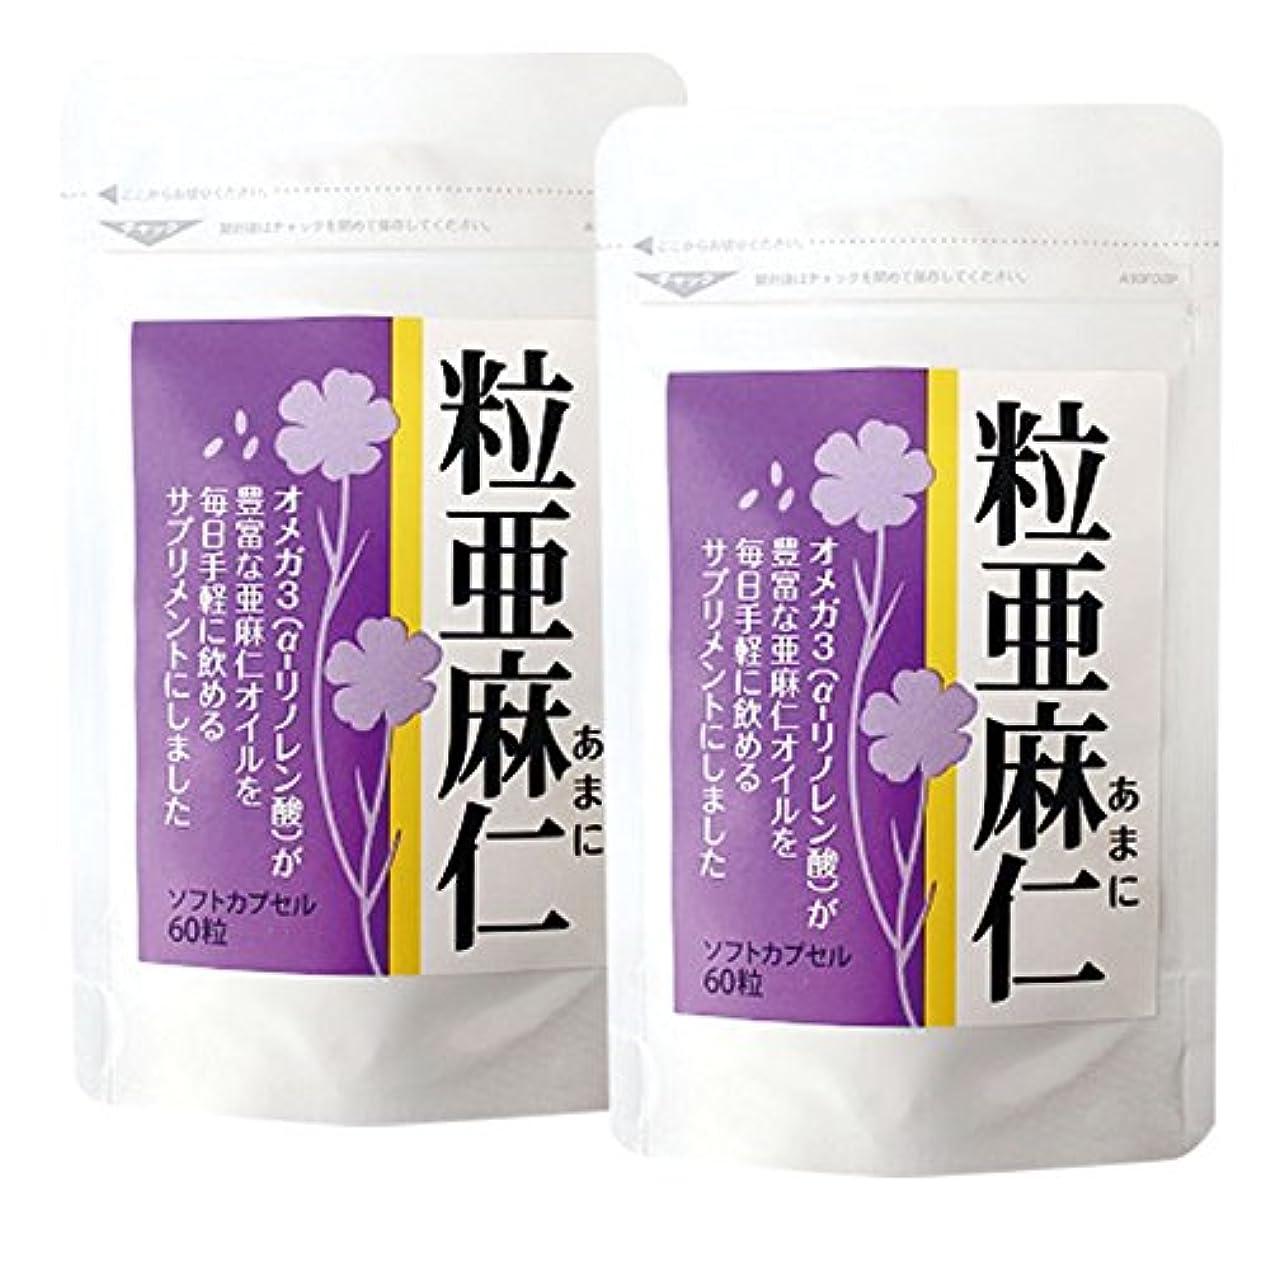 オーチャードバスルームコントロール粒亜麻仁(60粒)×2袋セット